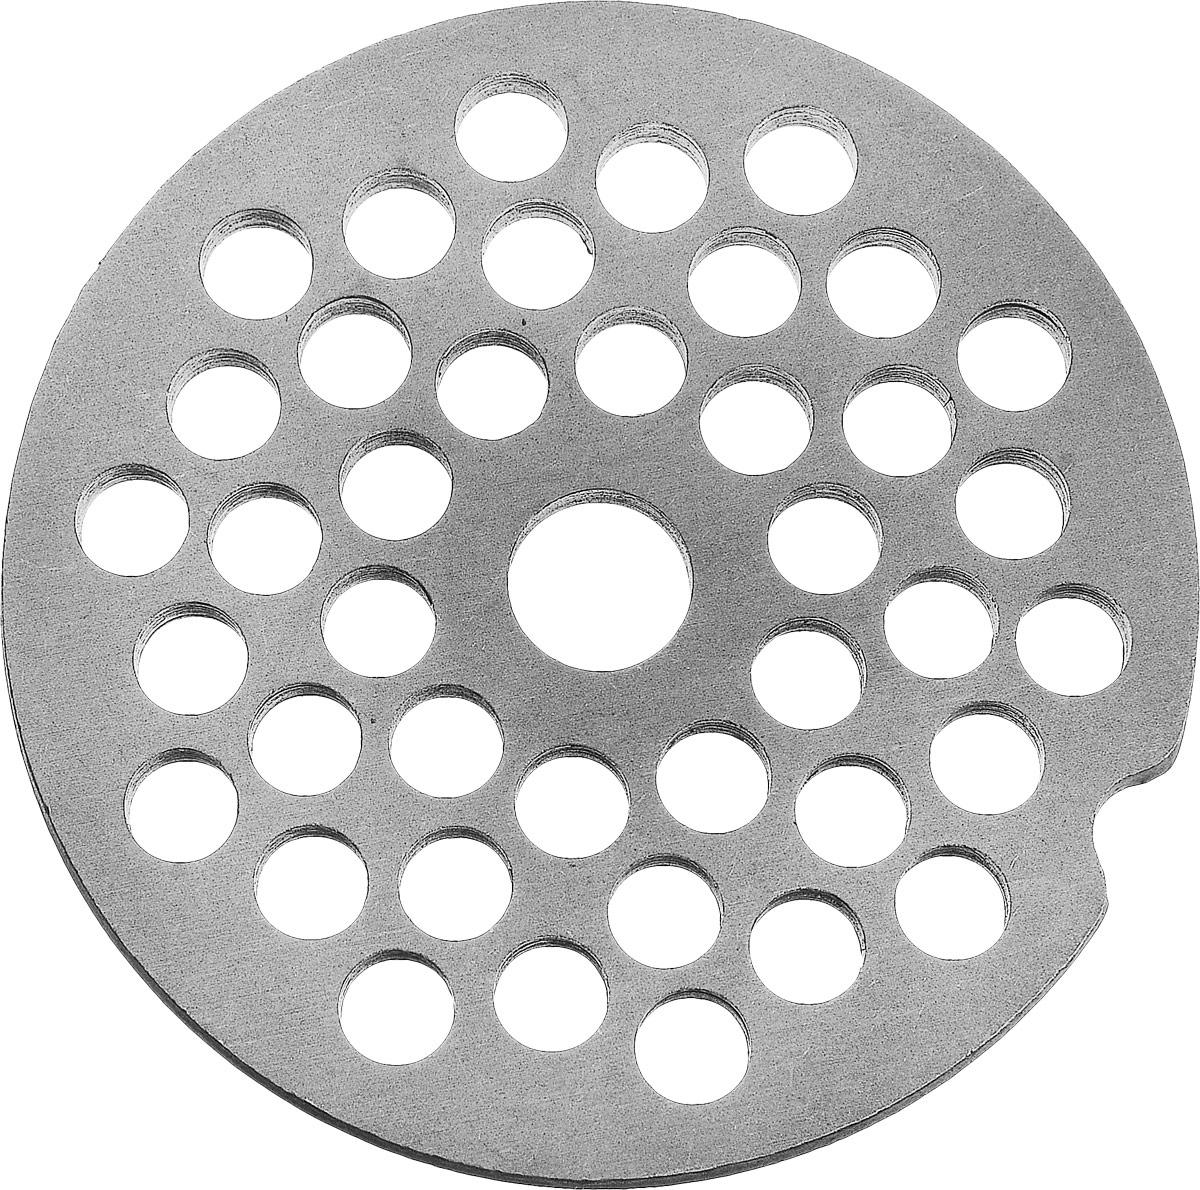 Аксион 21 327 585 решетка для мясорубки4607159821188Универсальная решетка Аксион 21 327 585 предназначена для работы с электрическими и ручными мясорубками. Она с легкостью заменит фирменную деталь, не уступив ей по качеству и сроку службы. Диаметр отверстий в решетке: 5 мм